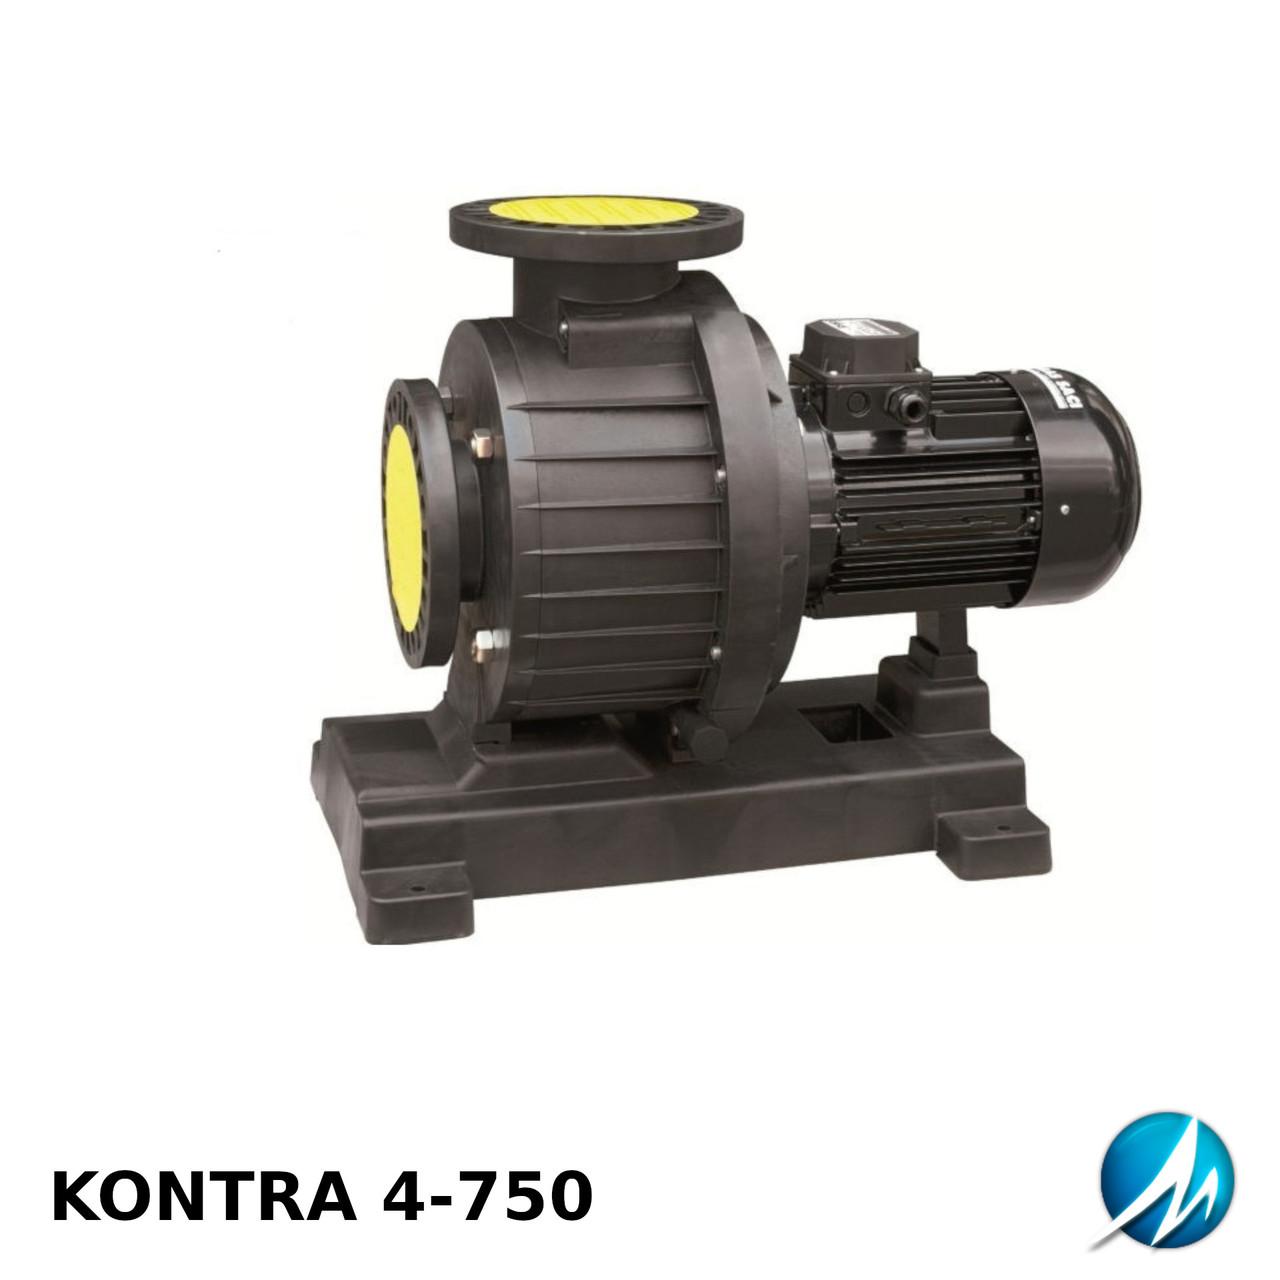 Насос Saci KONTRA 4-750 (400 В, 107.0 м3/год), без передфільтру